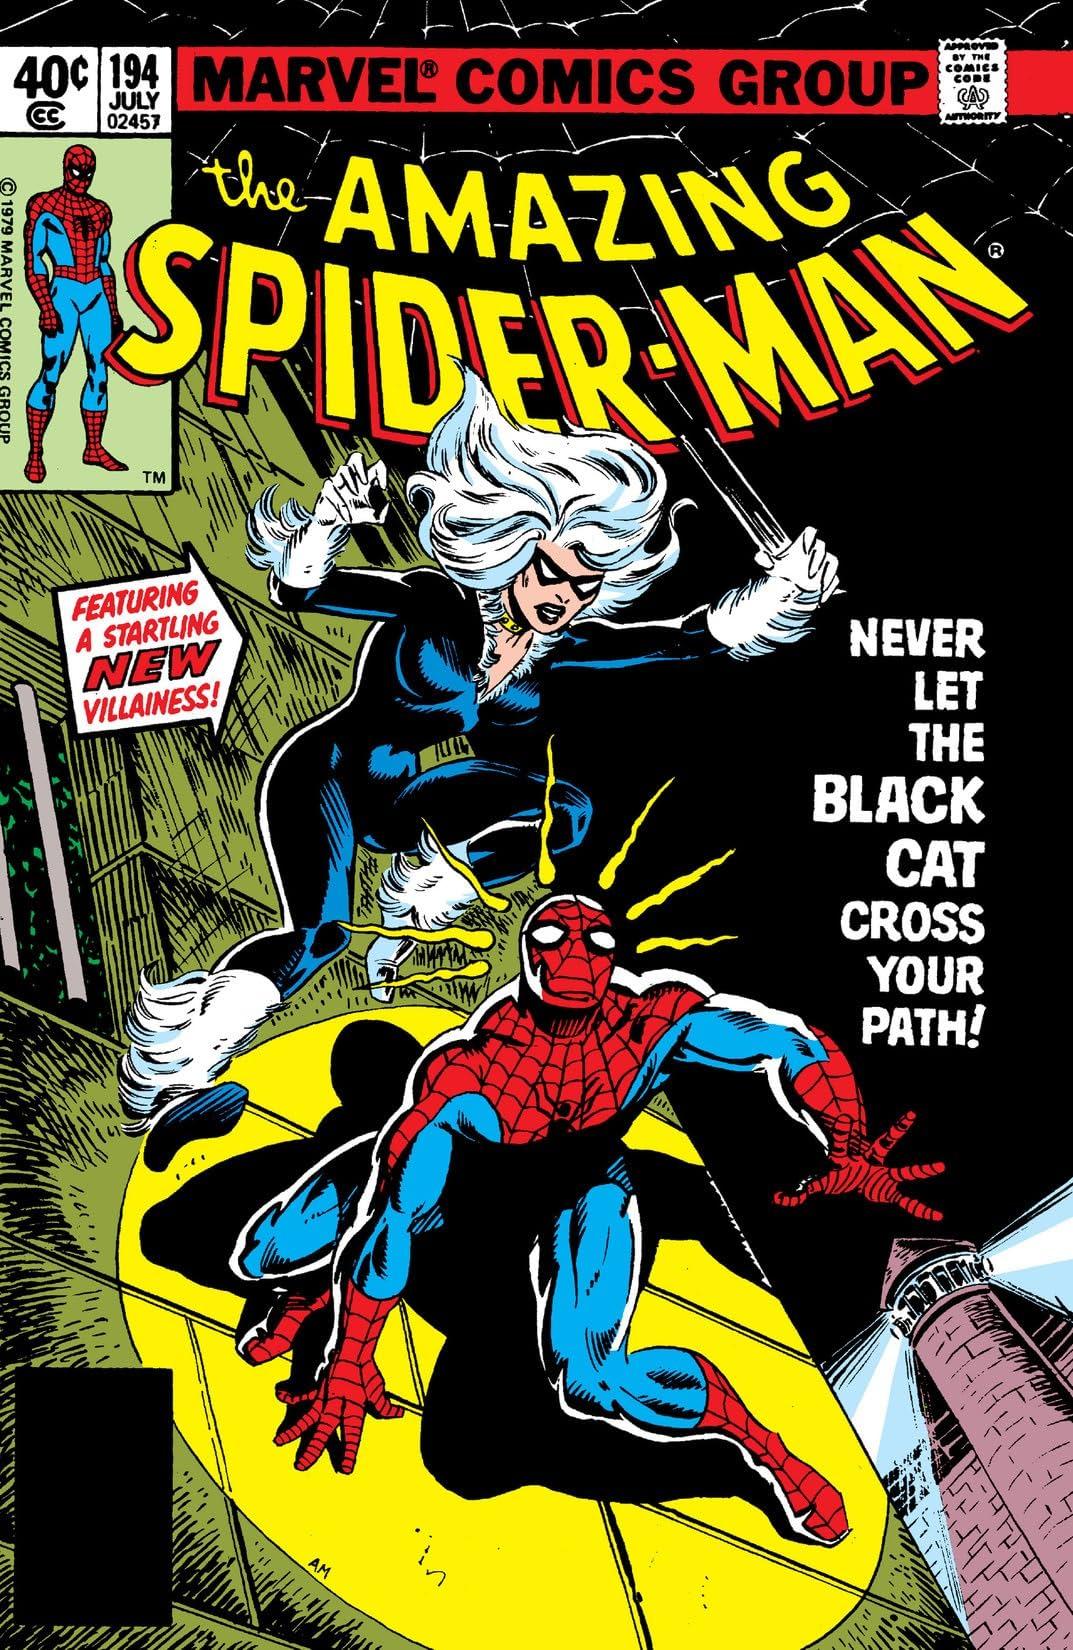 Amazing Spider-Man (1963-1998) #194